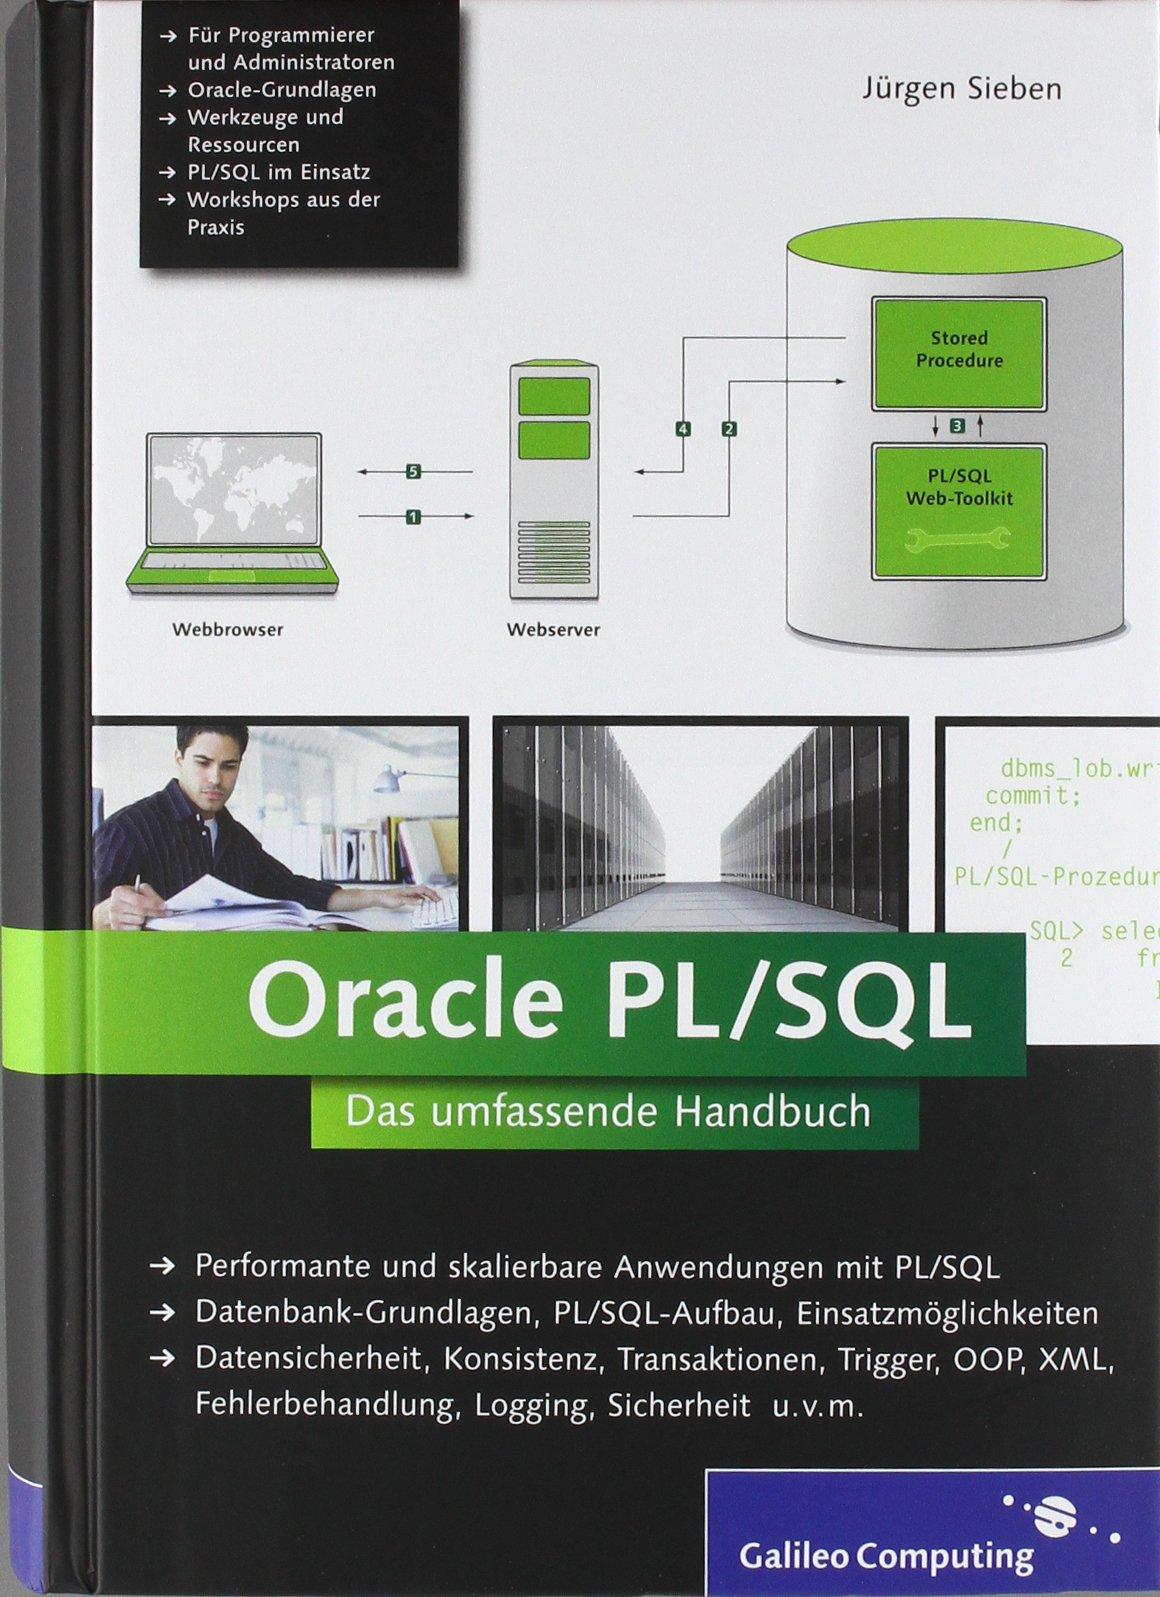 Oracle PL/SQL: Das umfassende Handbuch (Galileo Computing) Gebundenes Buch – 28. August 2010 Jürgen Sieben 3836214520 Informatik COMPUTERS / General